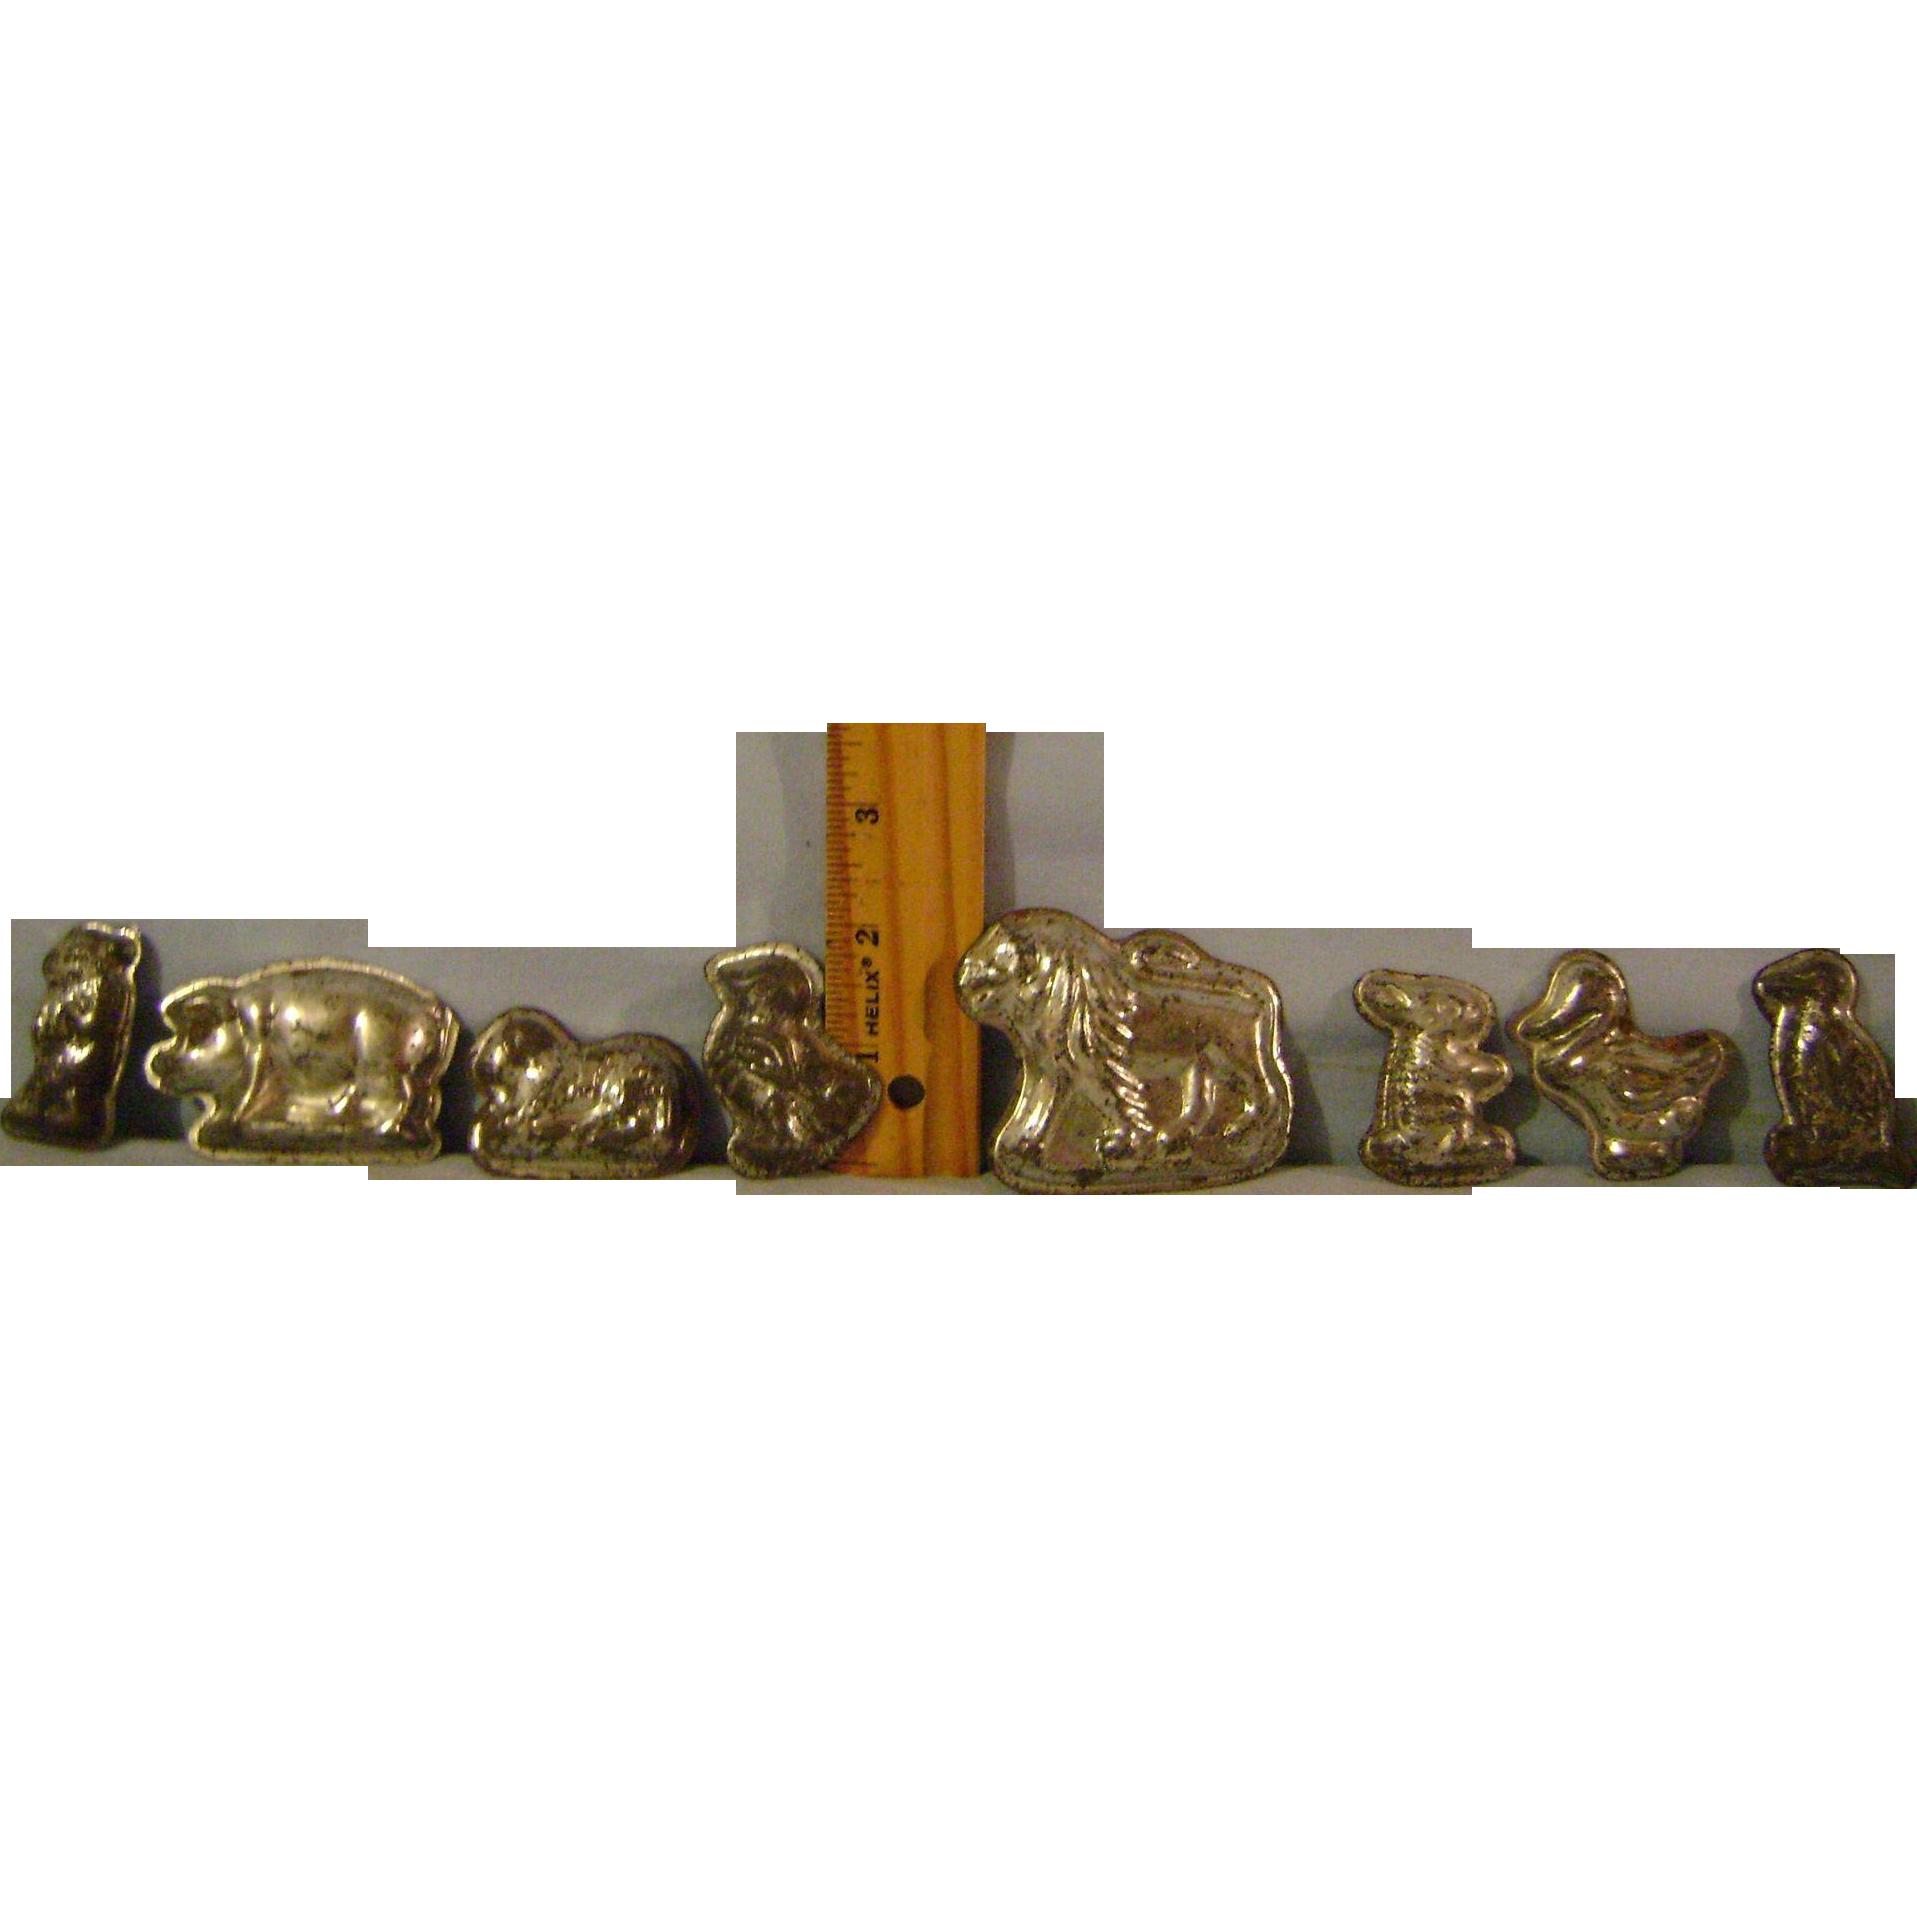 Eight Miniature Animal Molds